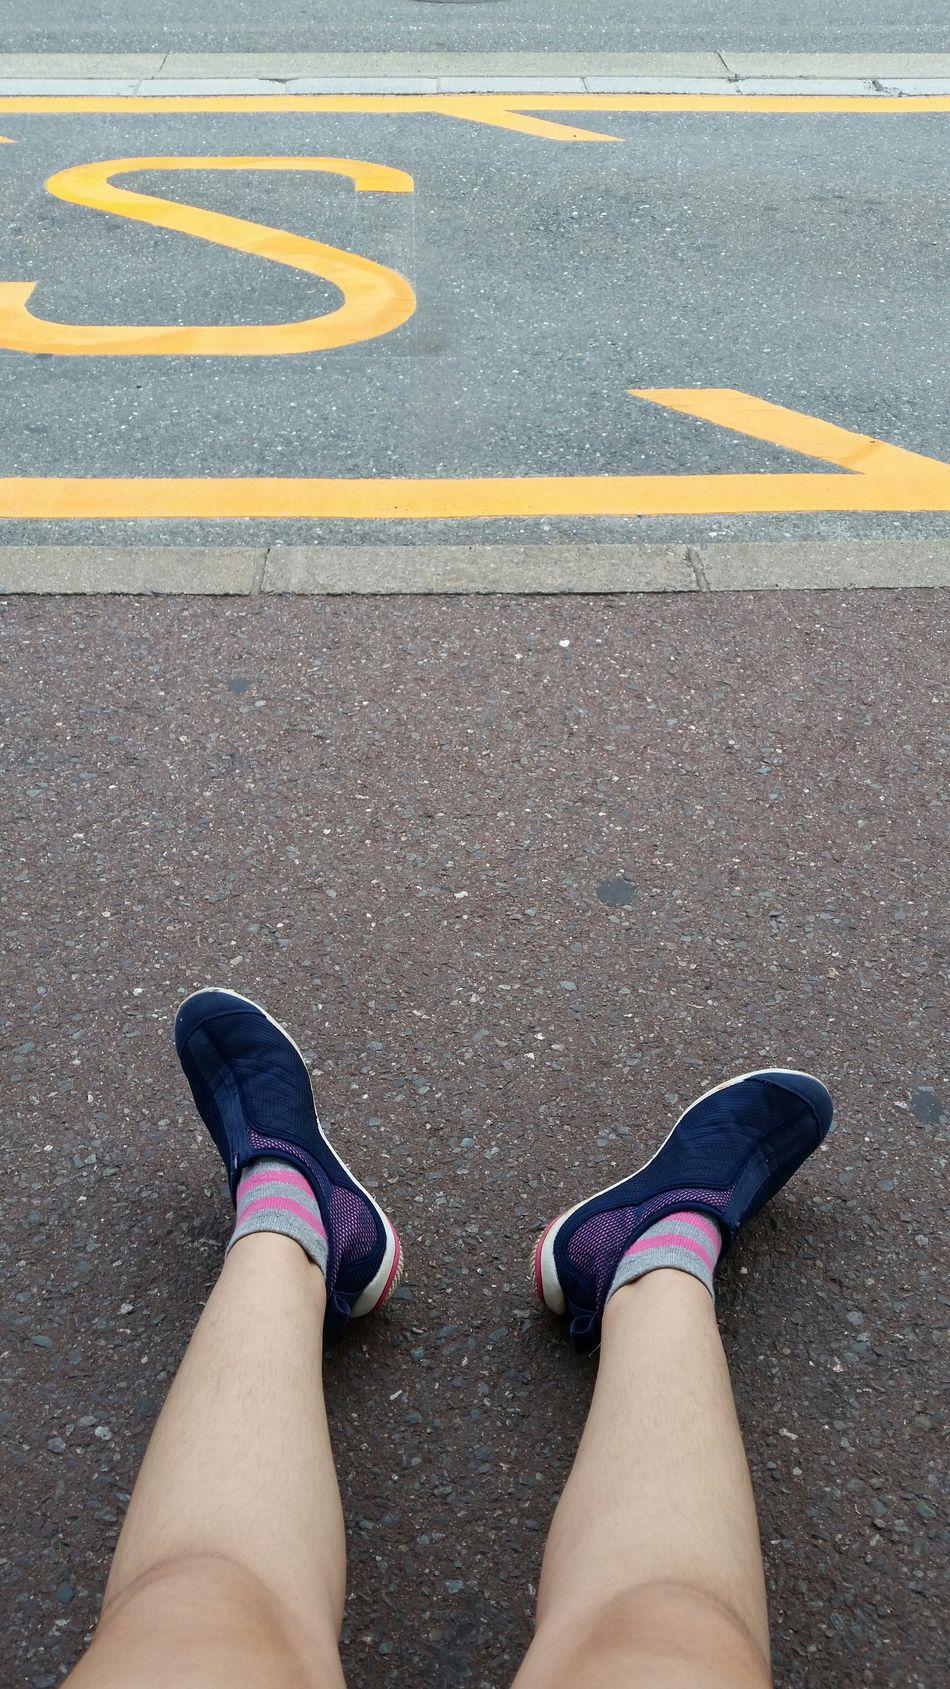 Hello World Ladyphotographerofthemonth Quality Time Enjoying Life Traveling In Fukuoka Fukuoka City  Forever Alone Needsomeonetoshare Needsomeonetolove Needsomeone Traveling Home For The Holidays Finding New Frontiers